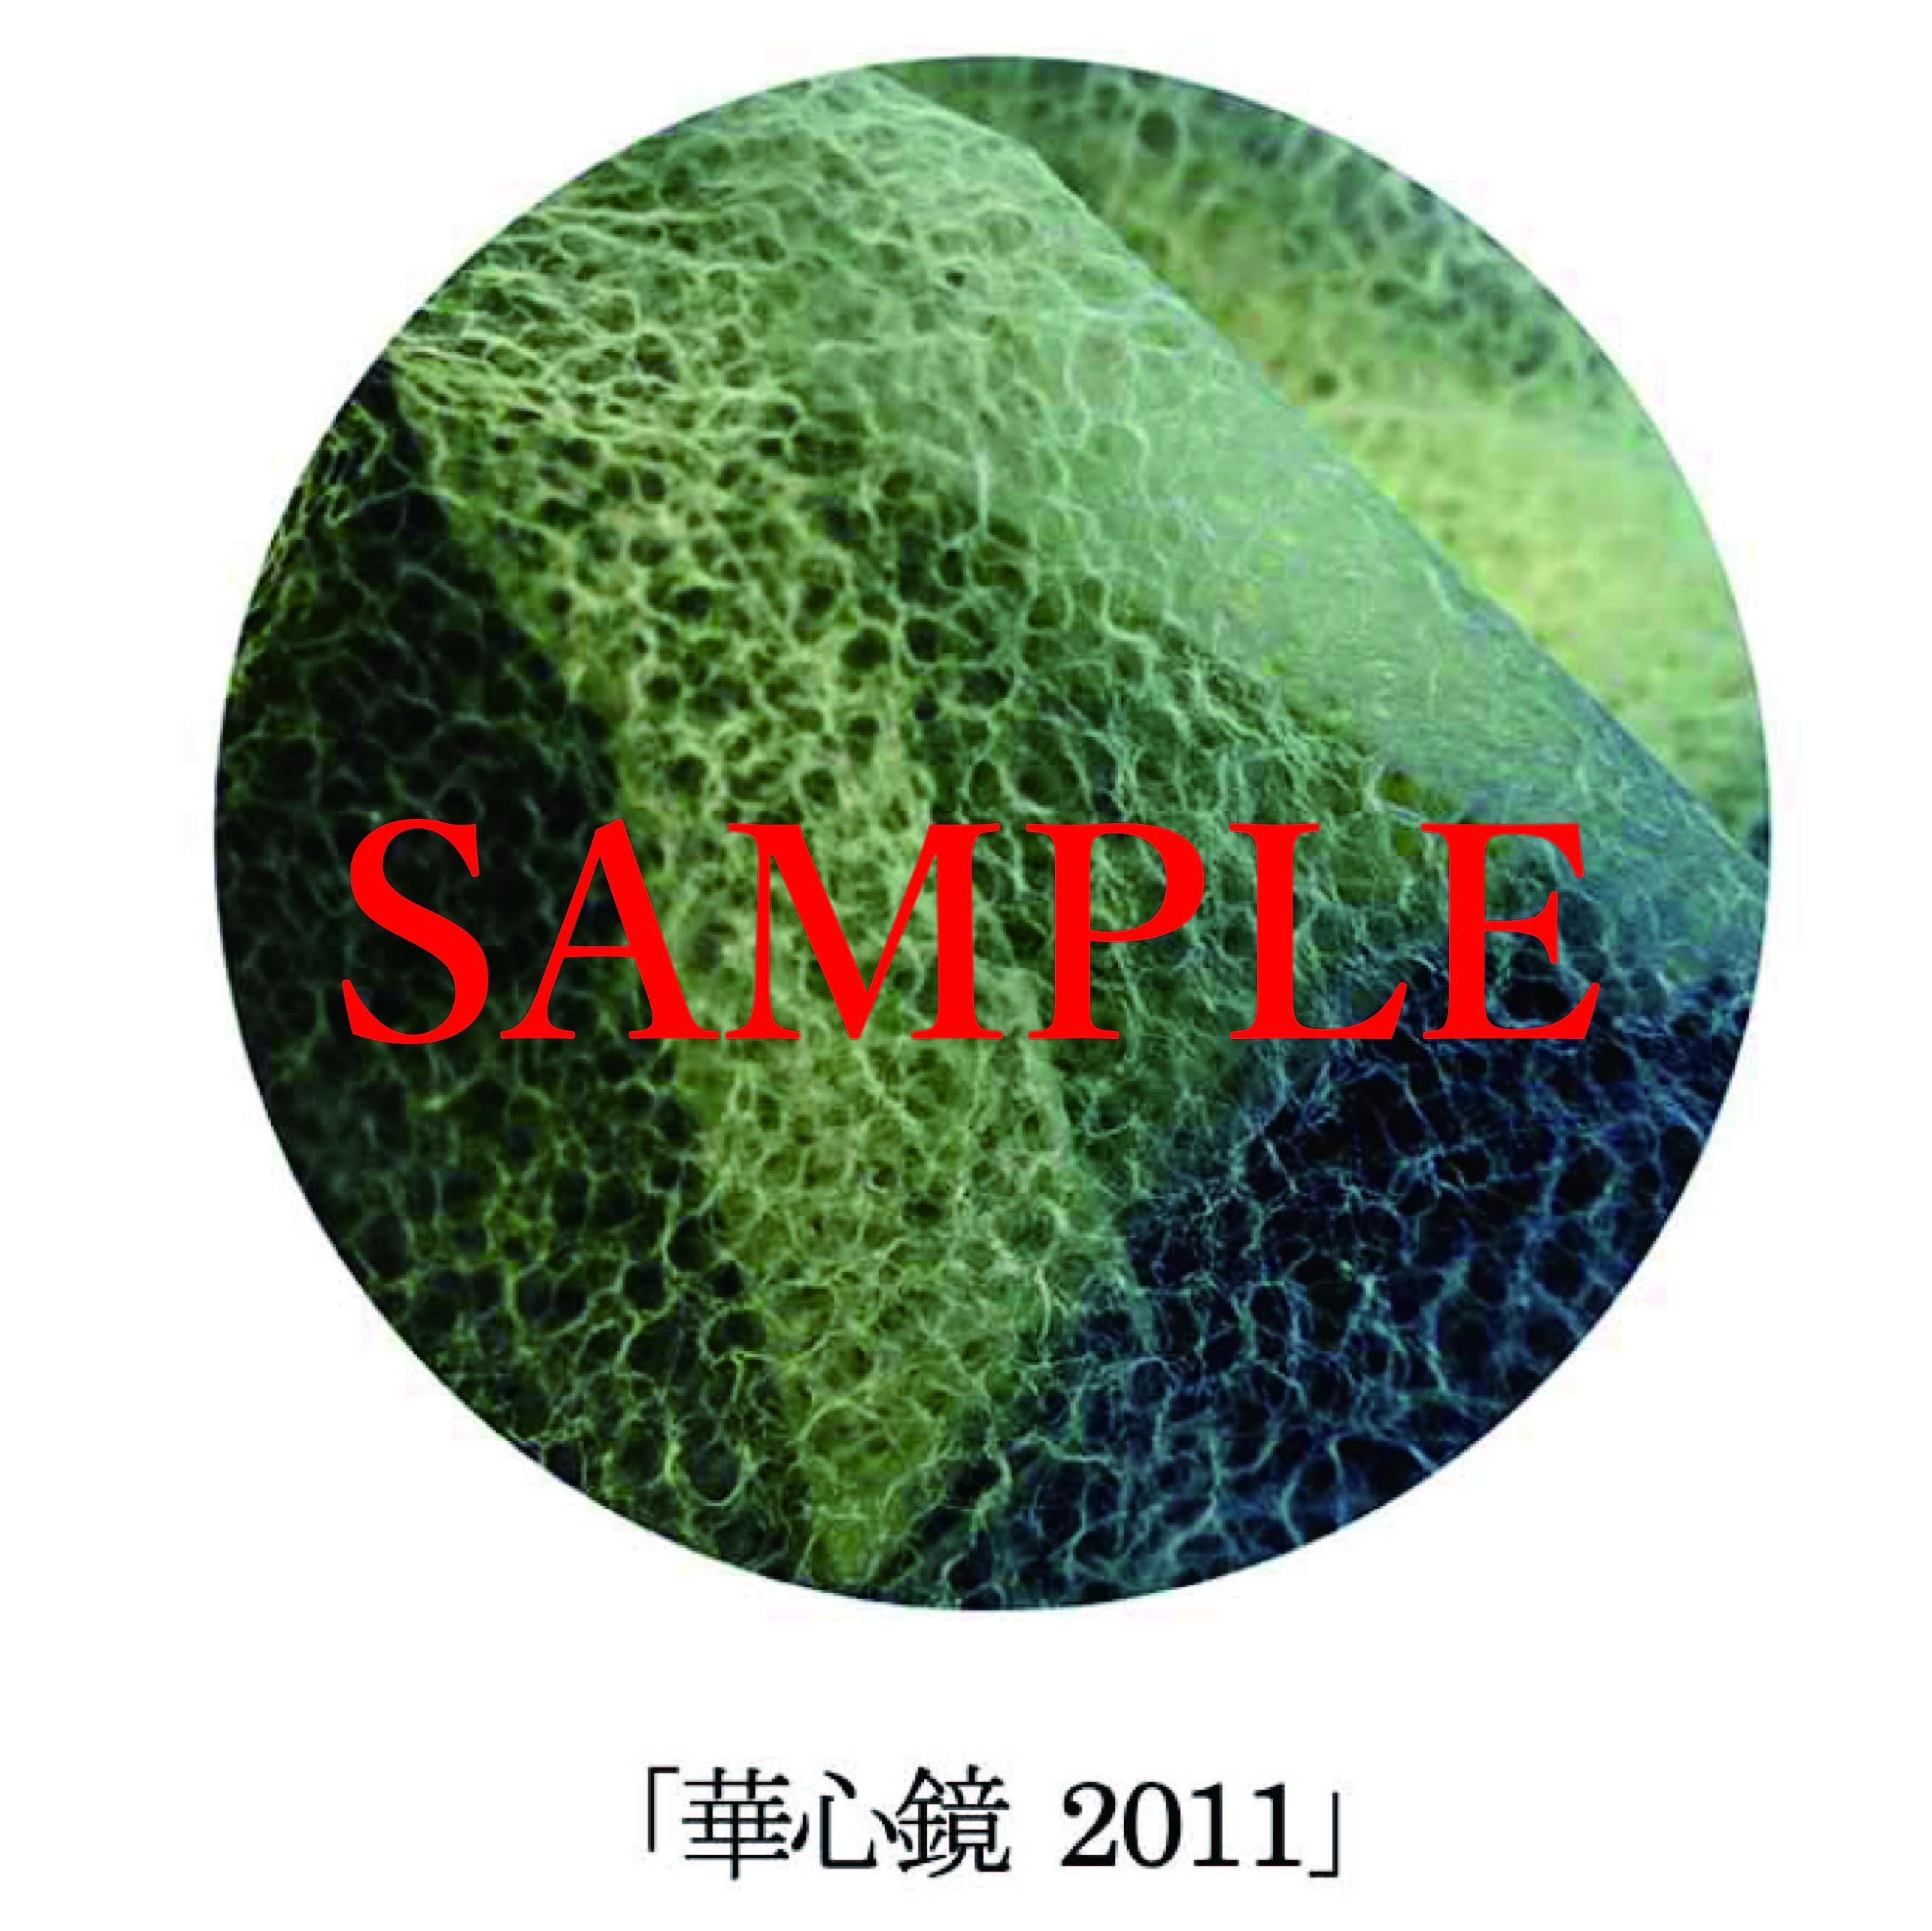 「華心鏡2011」【井坂健一郎作品華心鏡(かしんきょう)シリーズ】